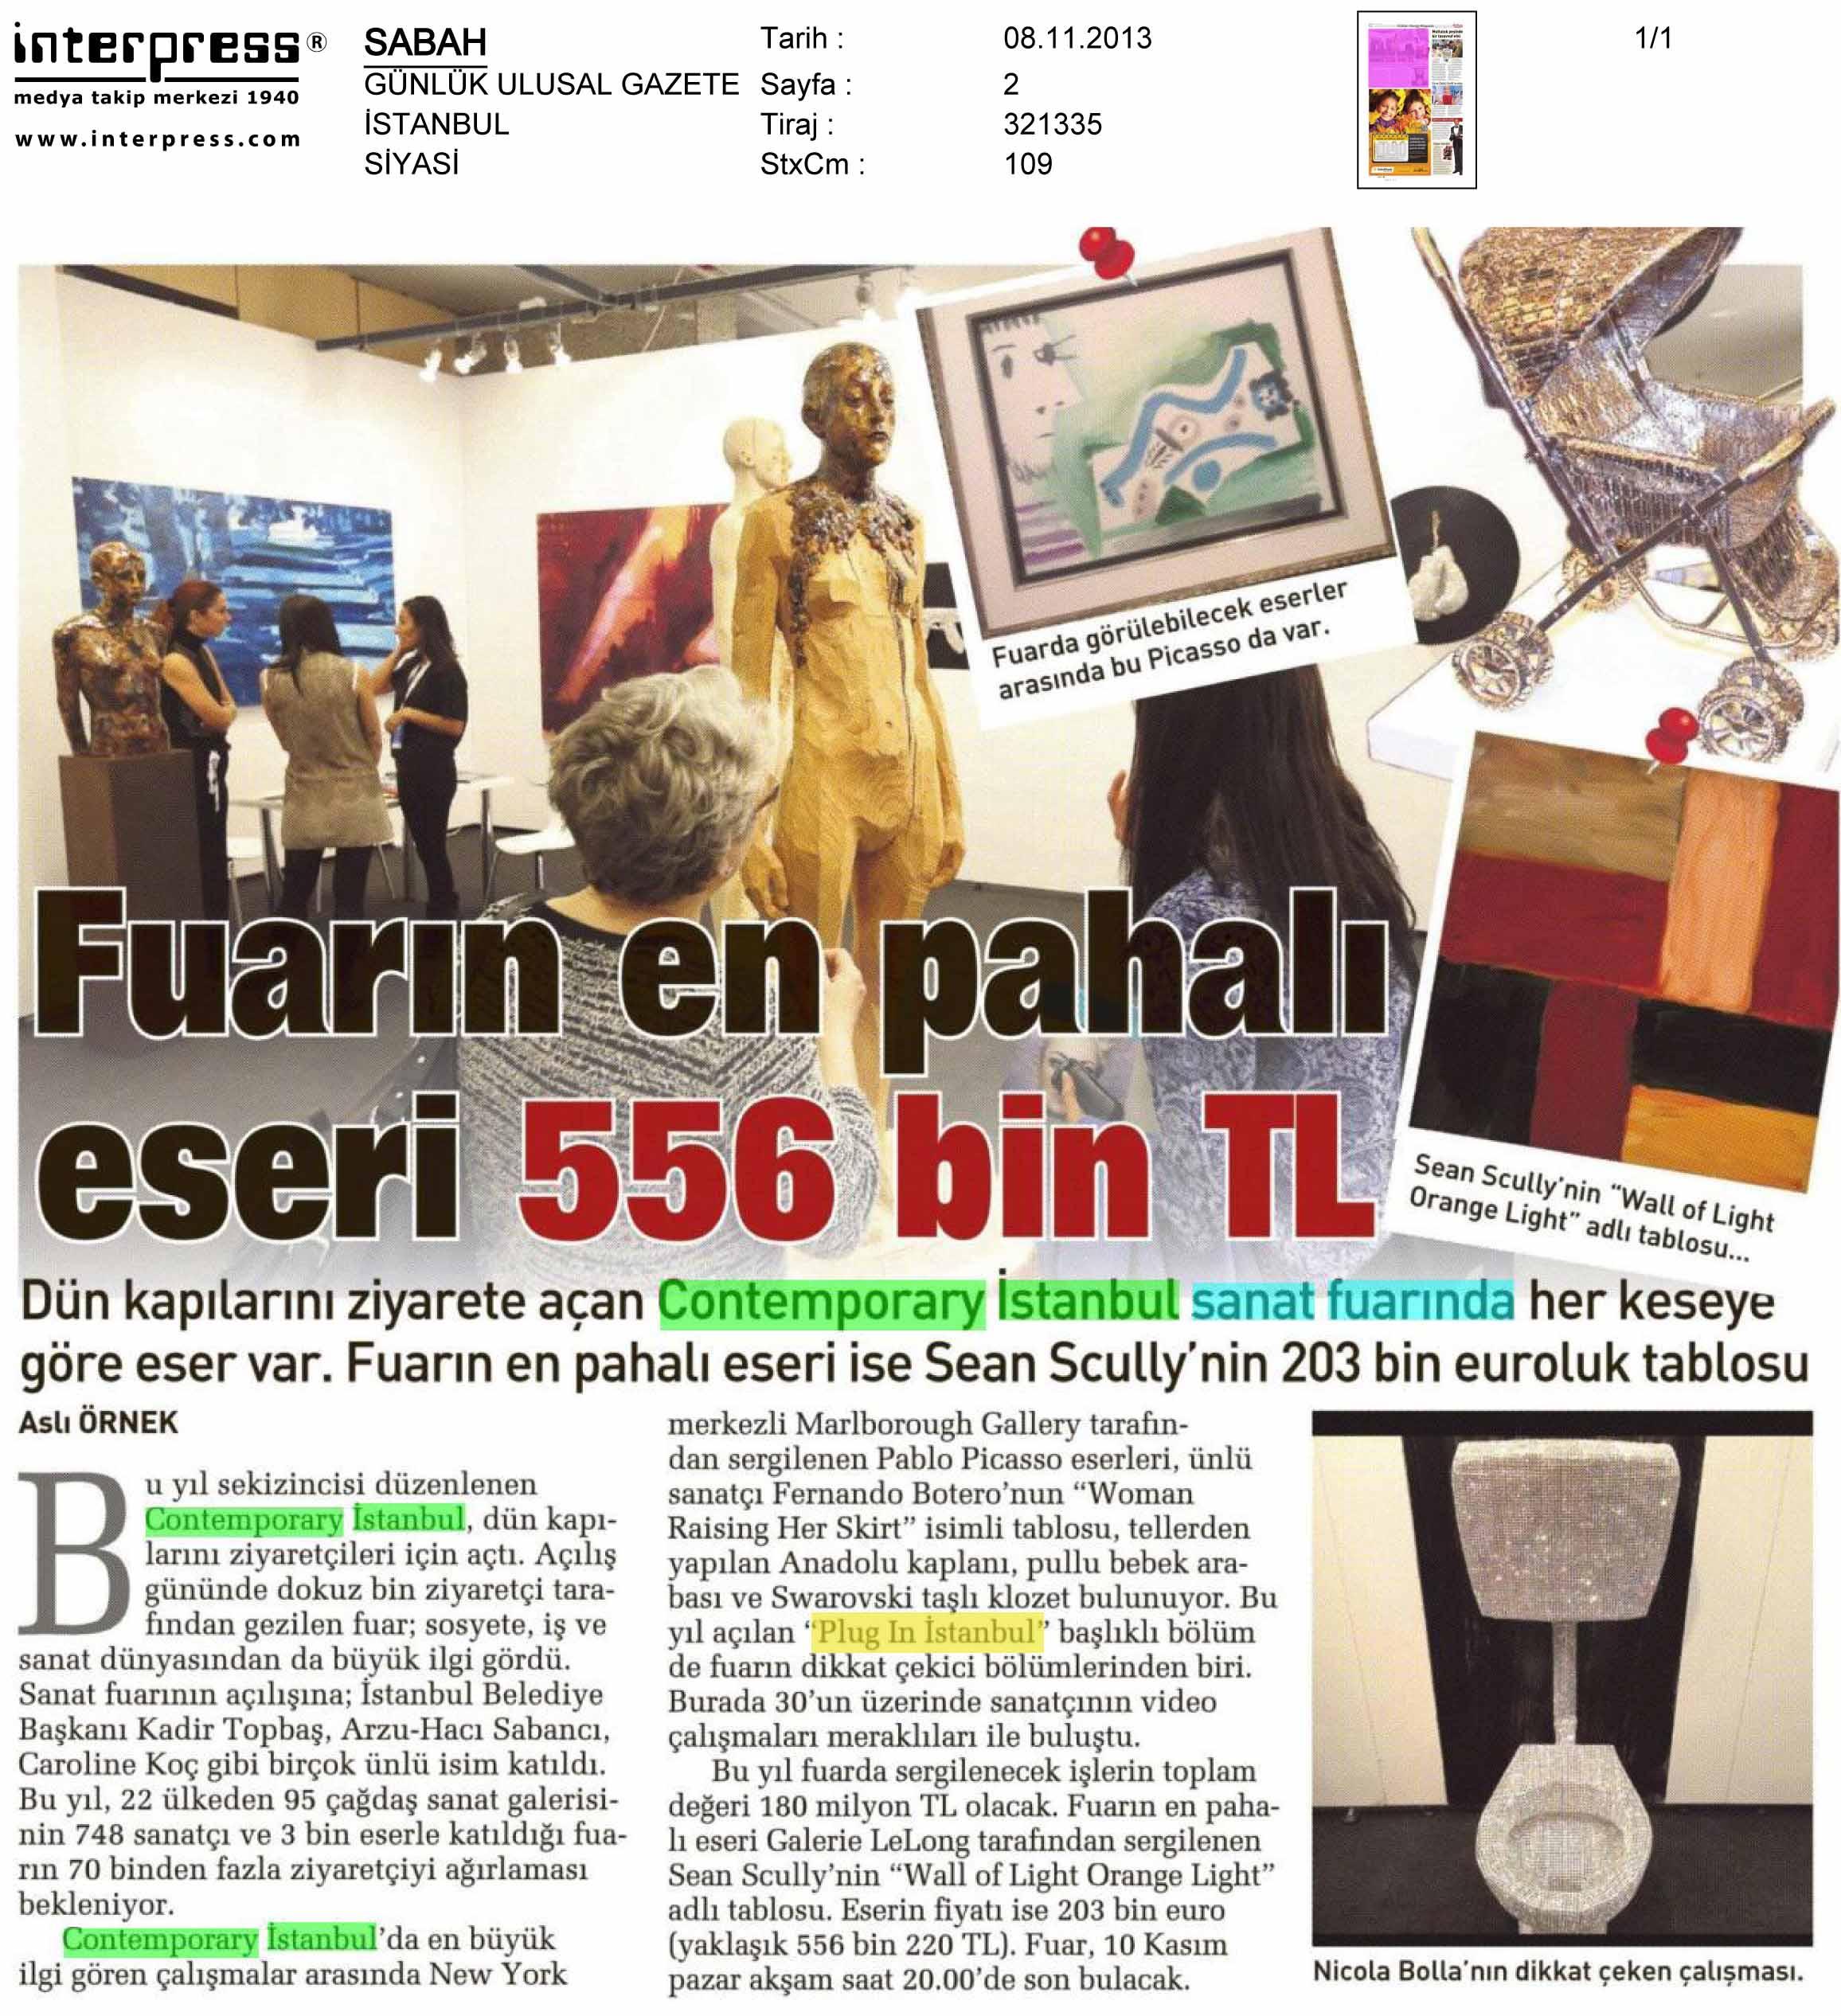 Sabah 2 - Ulusal Günlük Gazete - 08.jpg